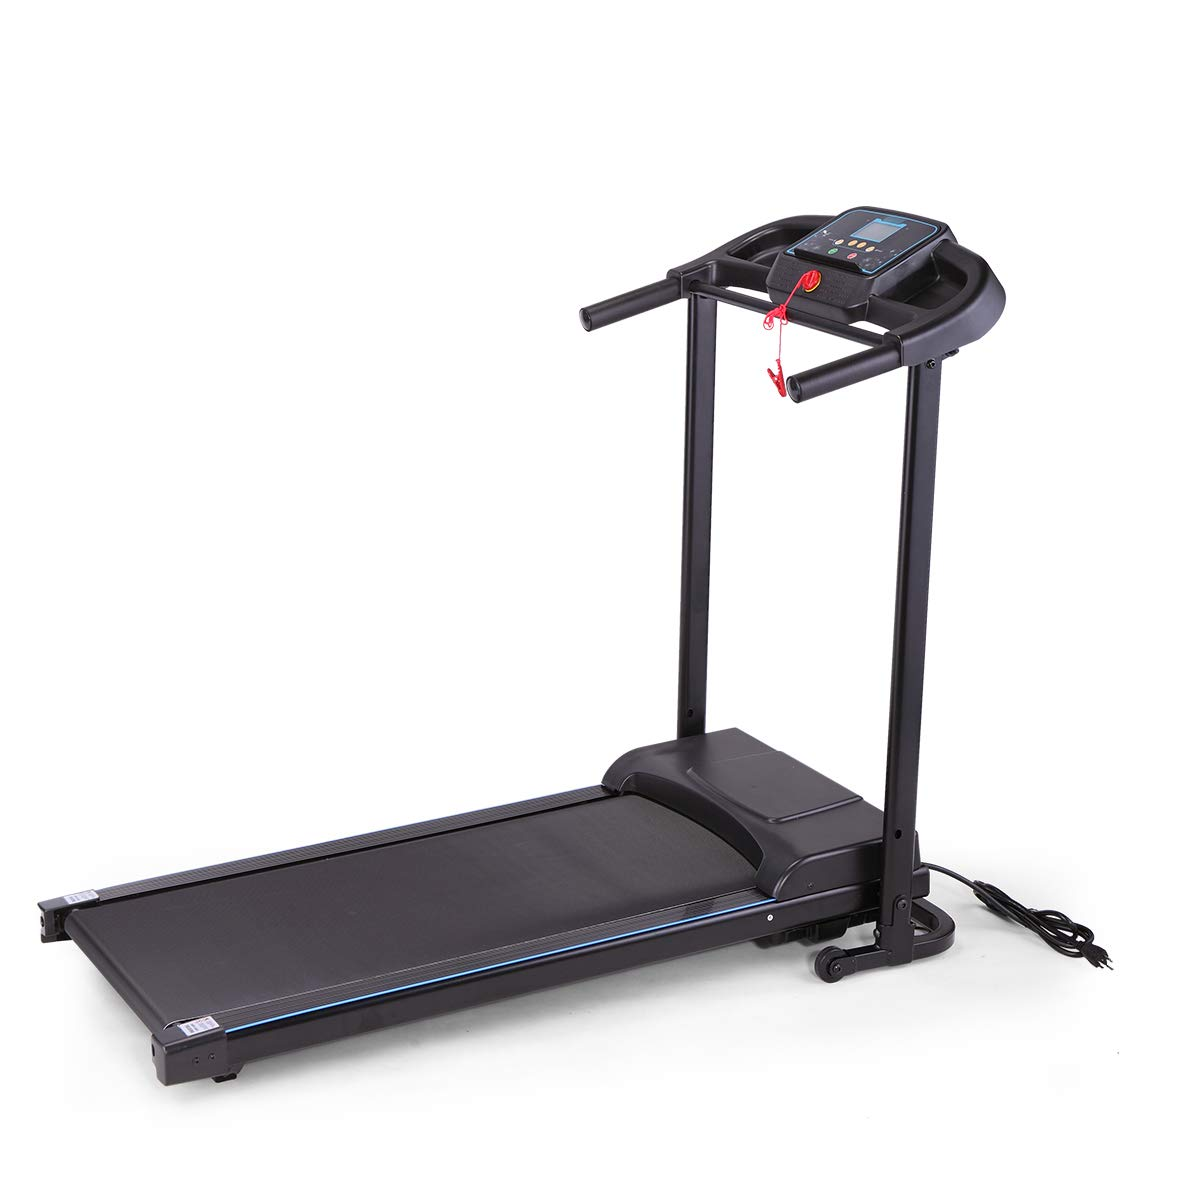 LAZYMOON Folding Treadmill Fitness Machine Gym & Home Electric Motorized Power Treadmill 700W